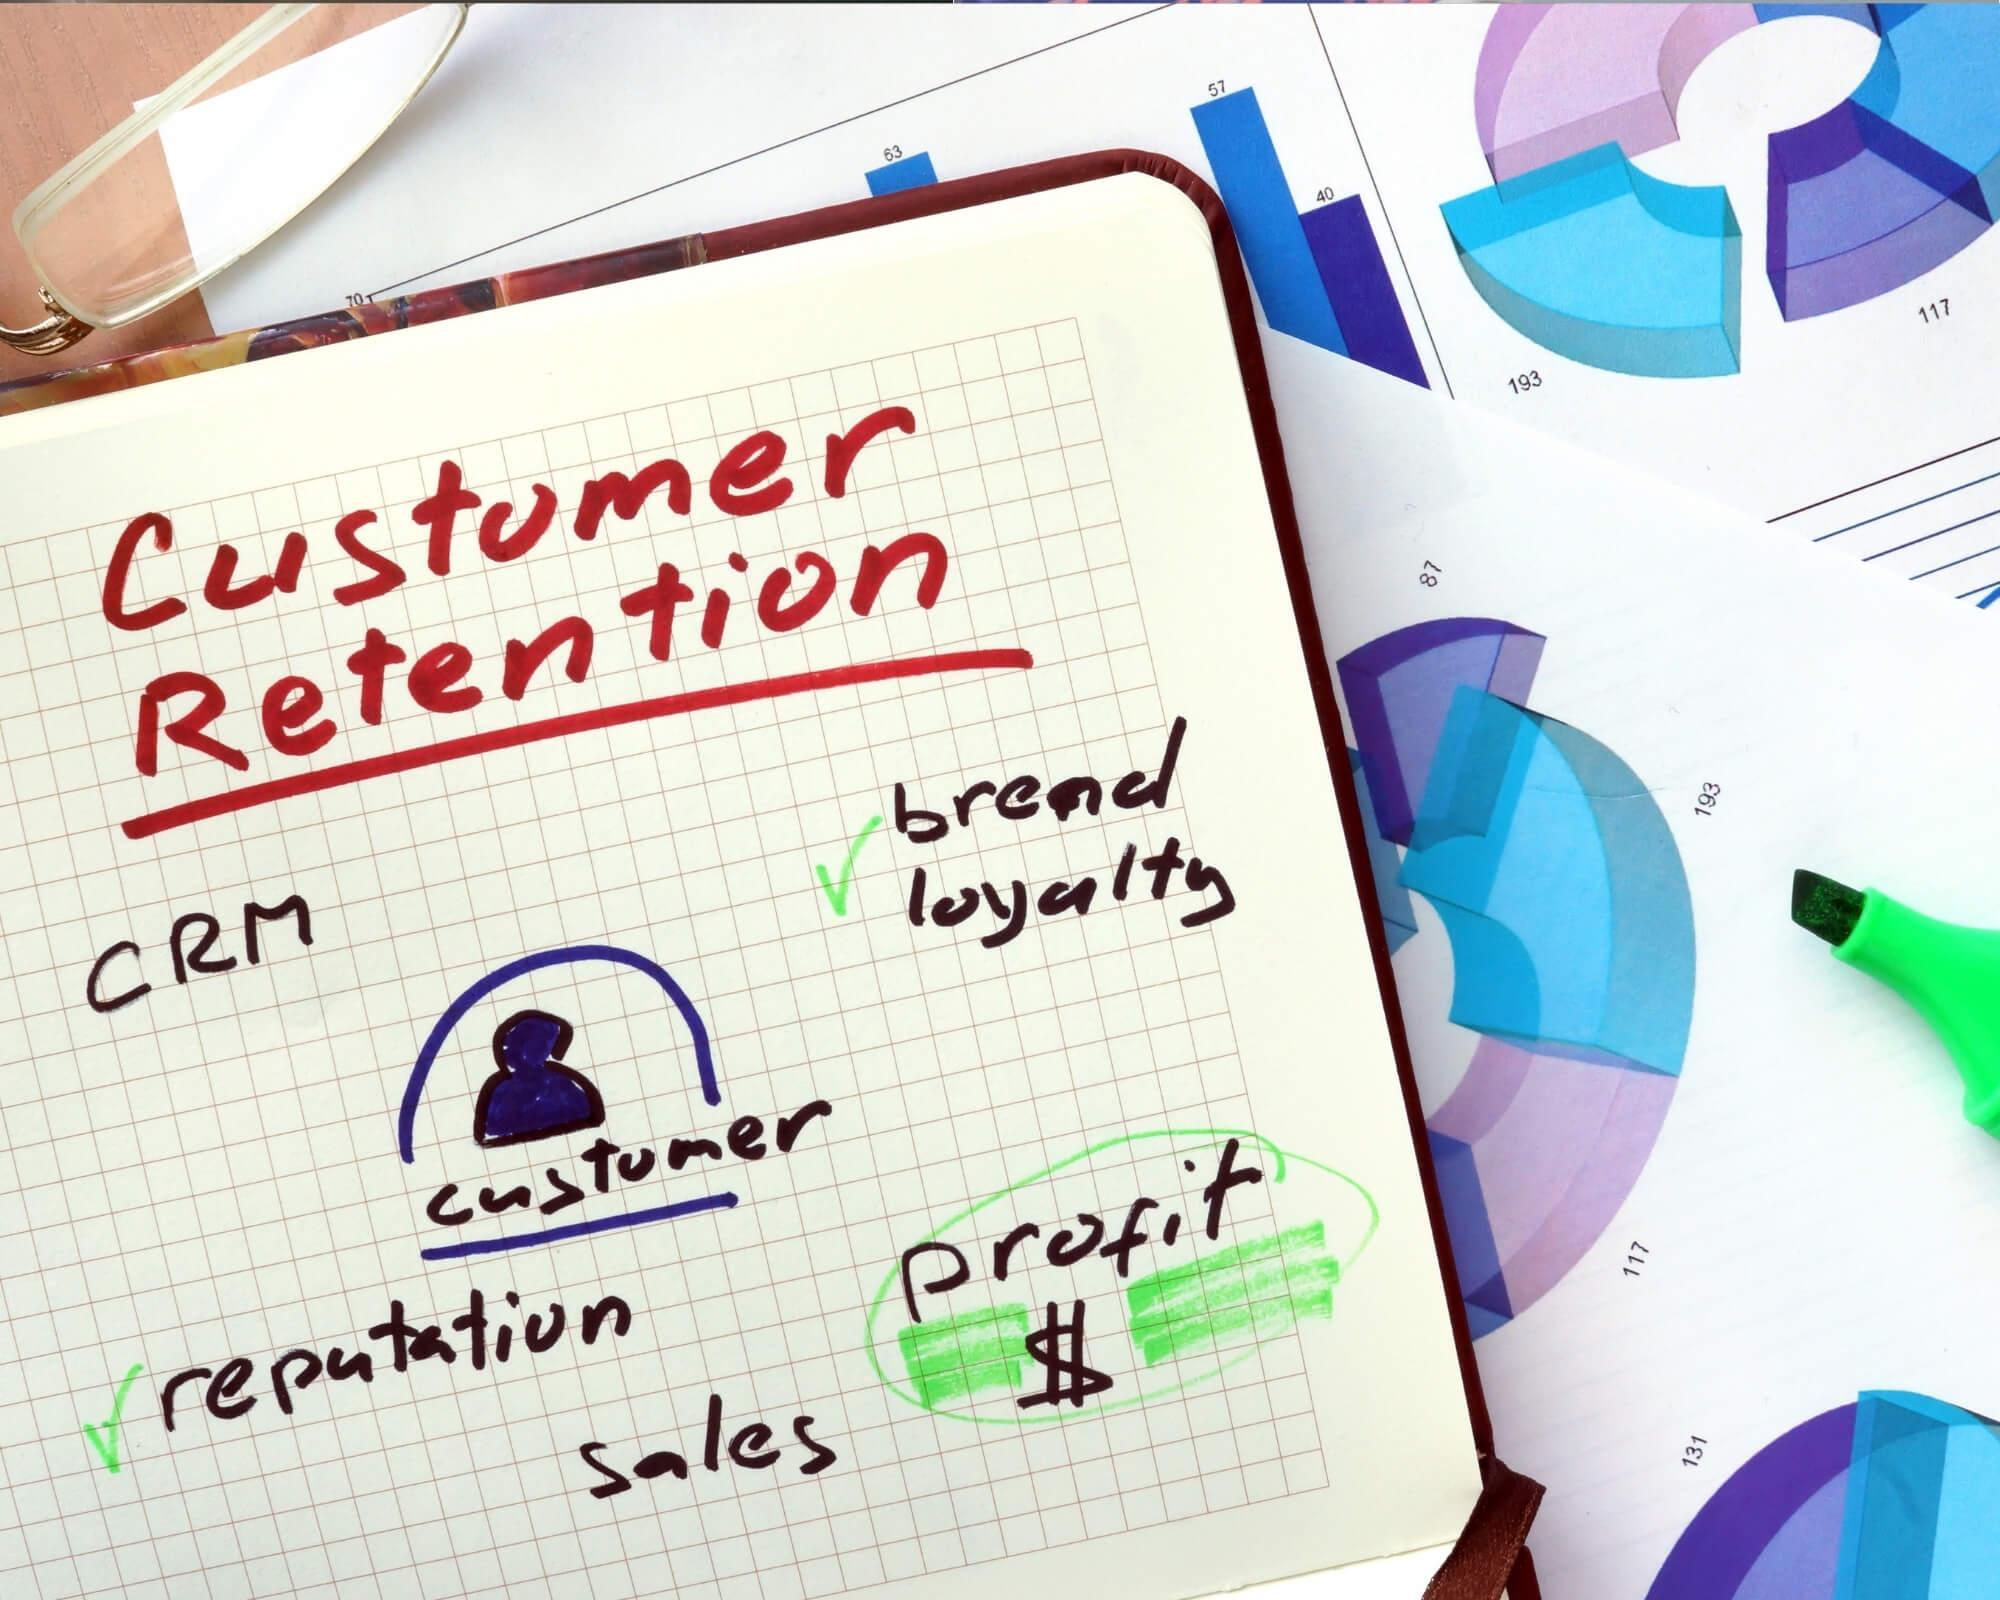 Entre las buenas estrategias para ecommerce está la retención de clientes